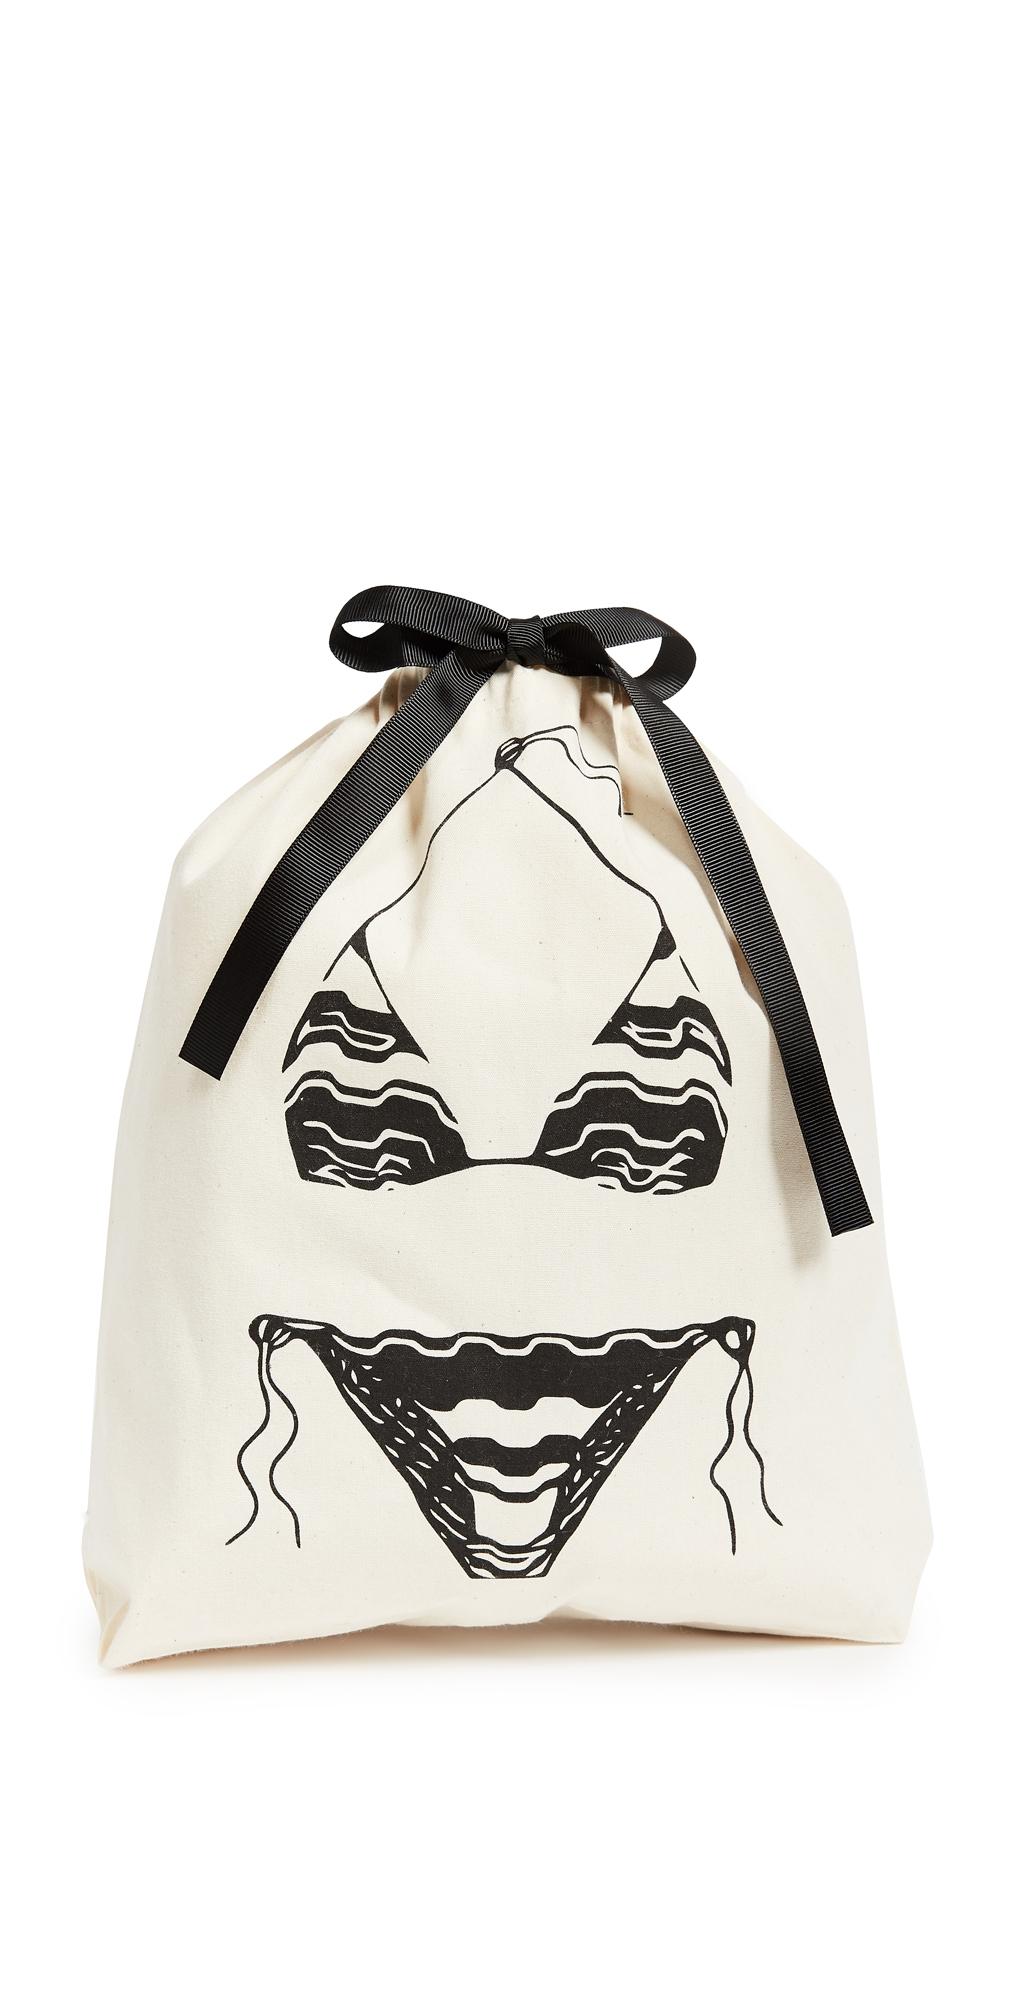 Bikini Organizing Bag